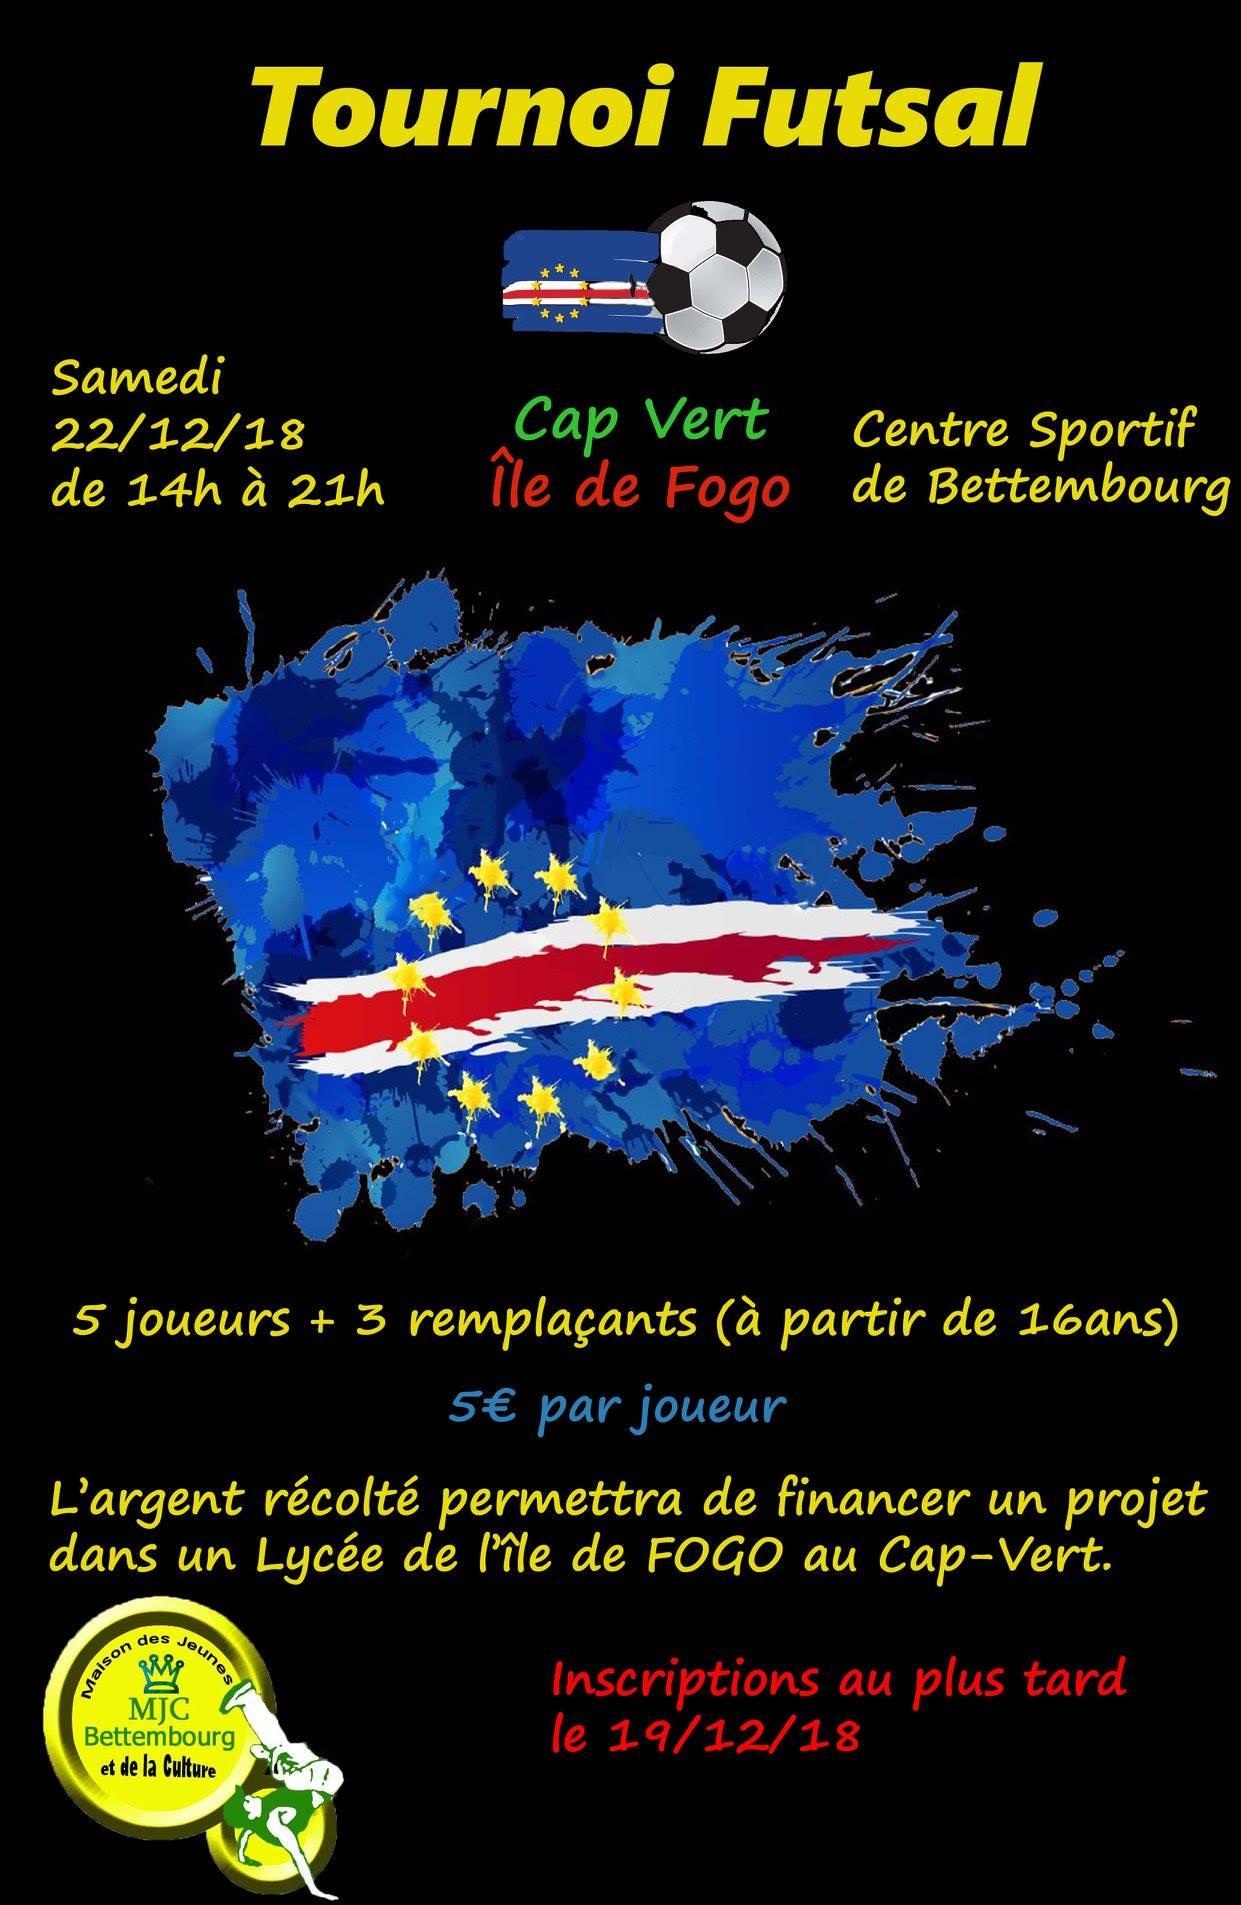 22/12/2018 - Tournoi Futsal